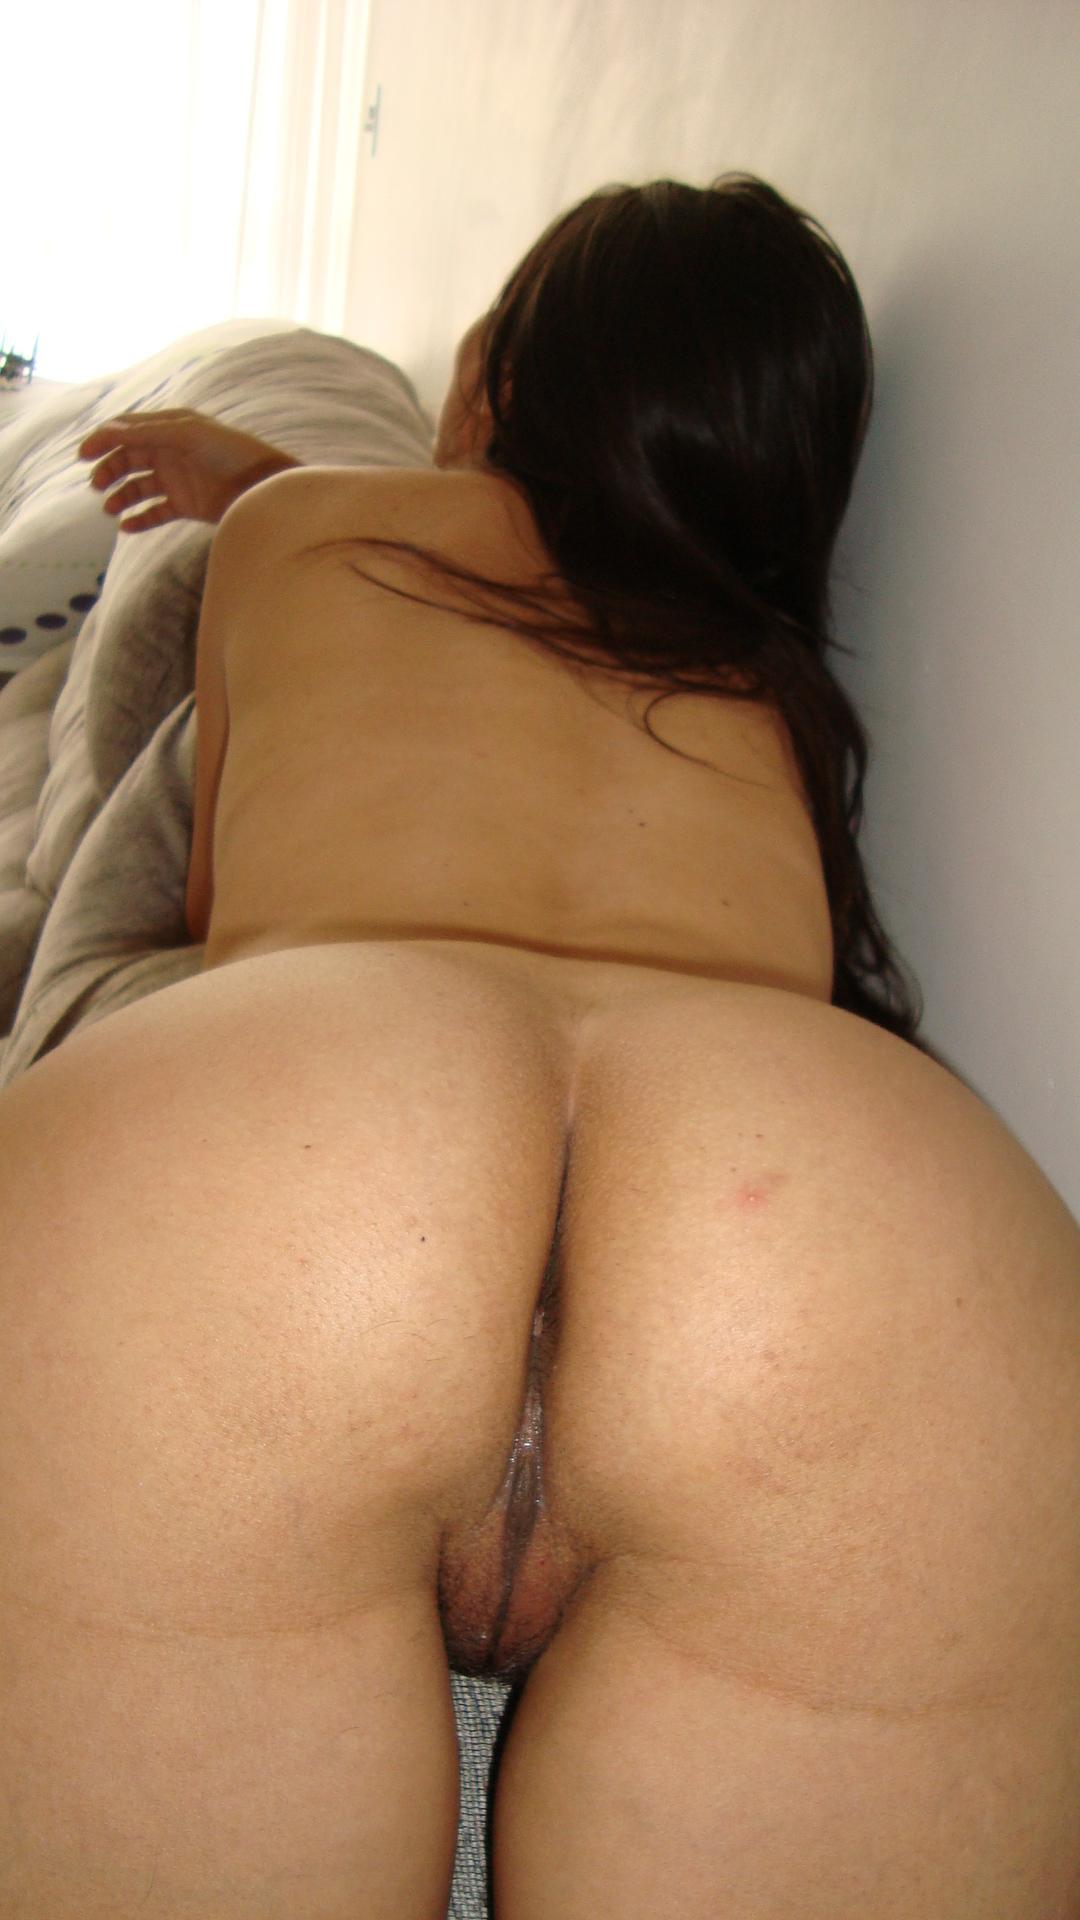 Wet pussy ass